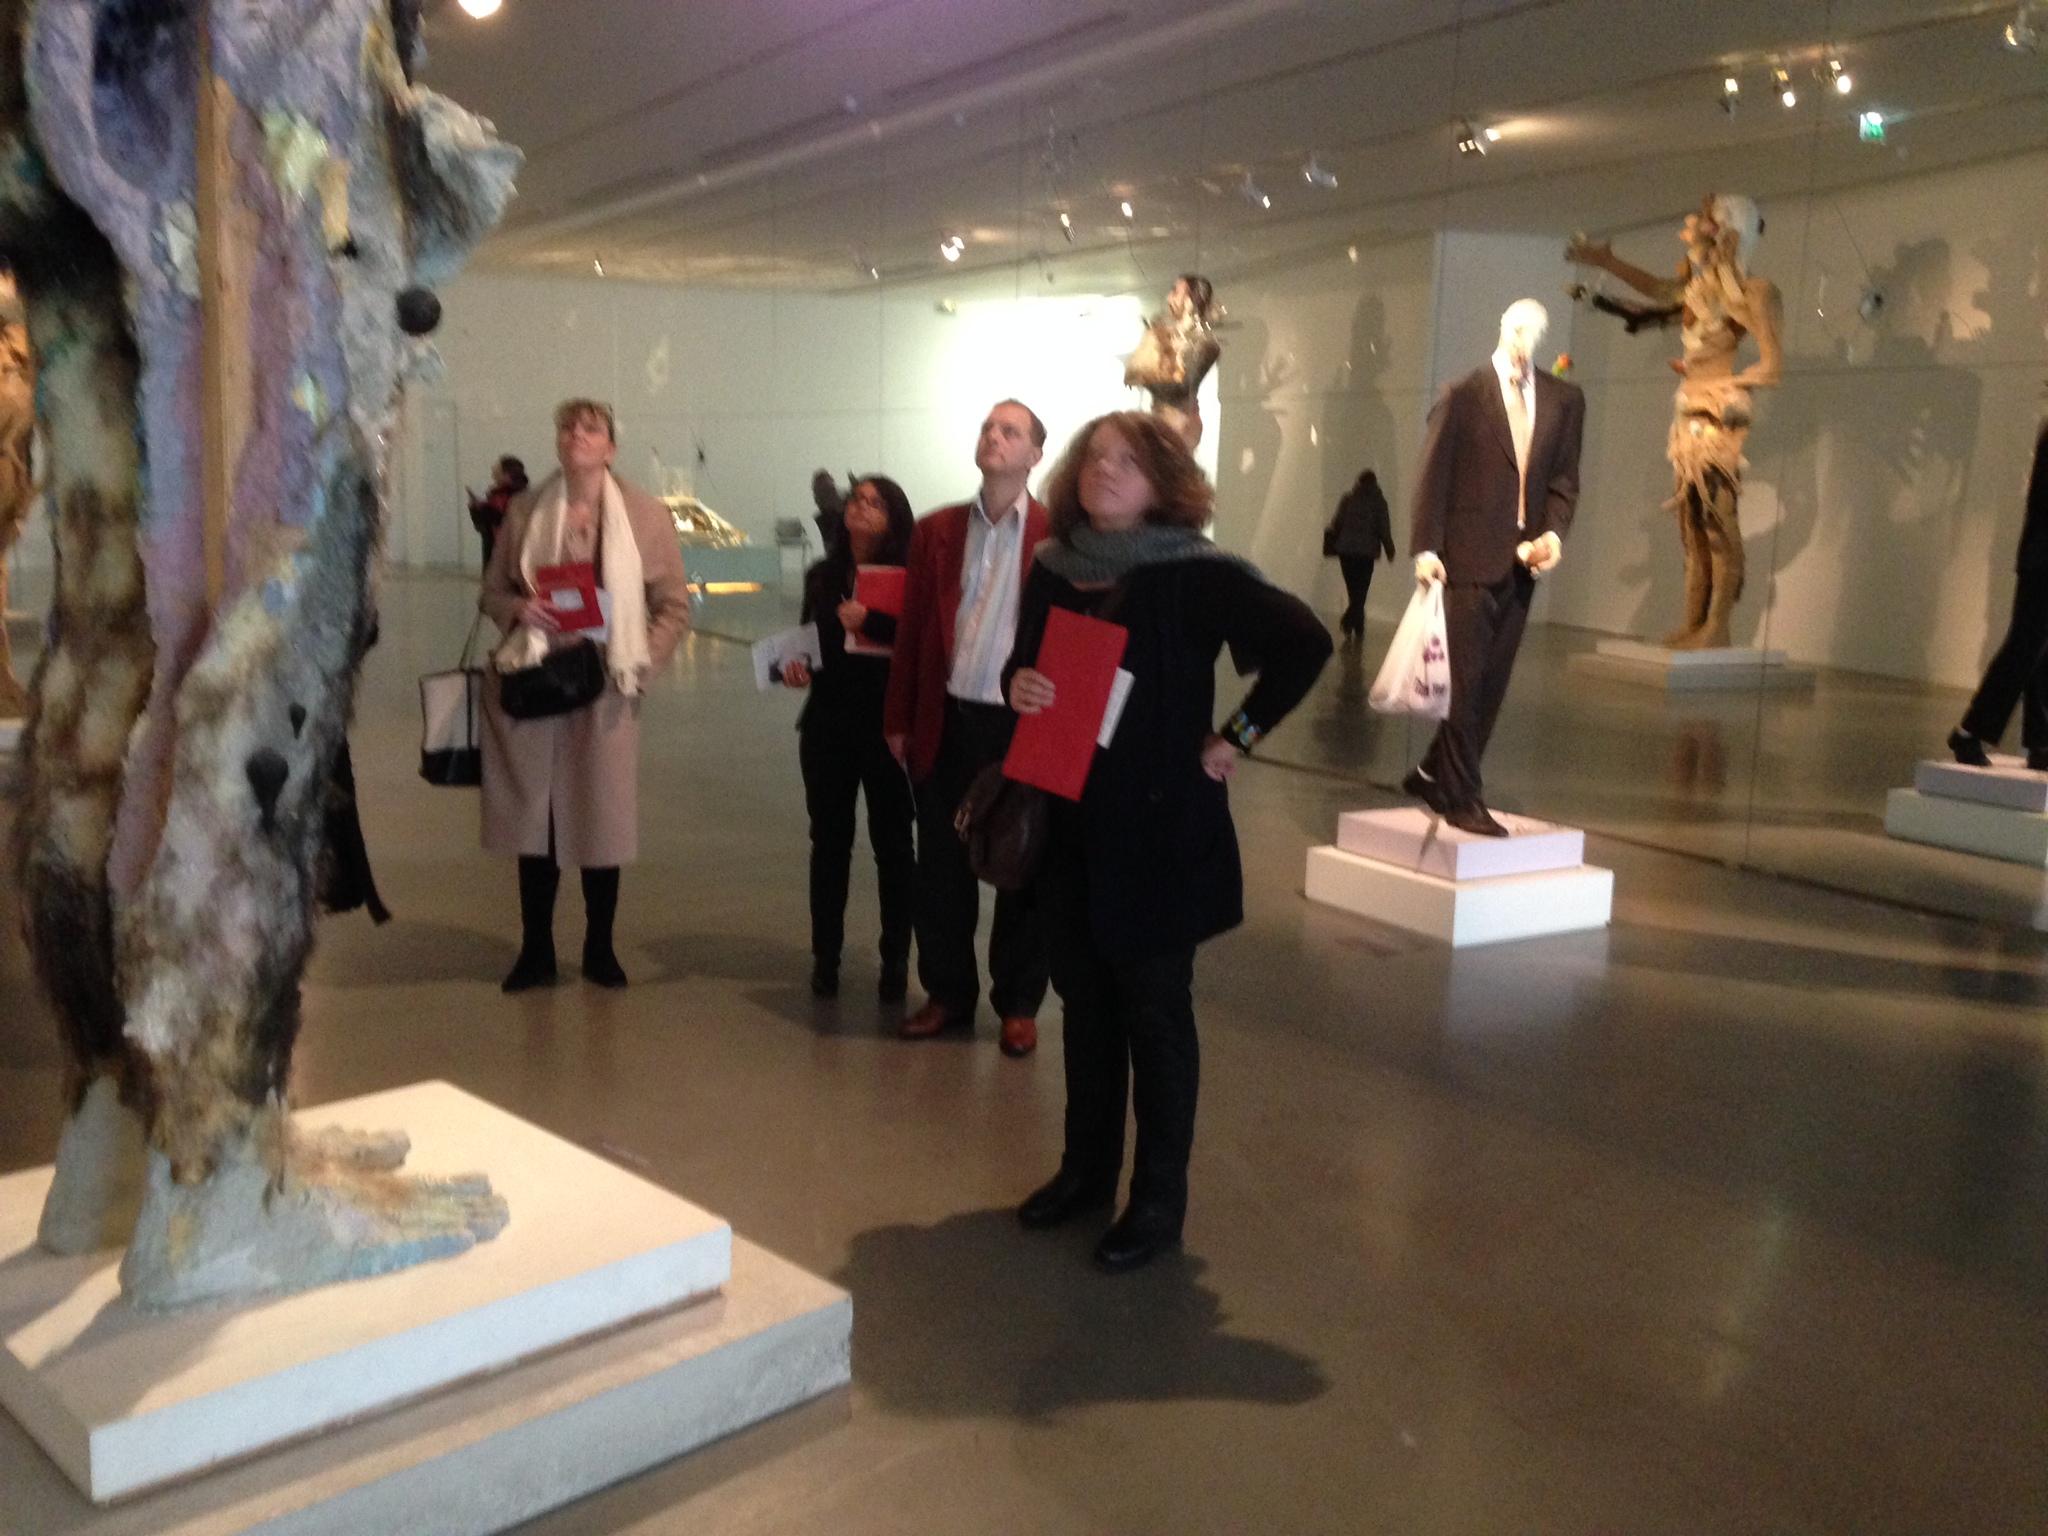 Michelle Stien, Nathalie POirier, Jean-Paul Belud et Sylvie Dumas en réflexion lors de la visite de l'exposition FLUX au MAM